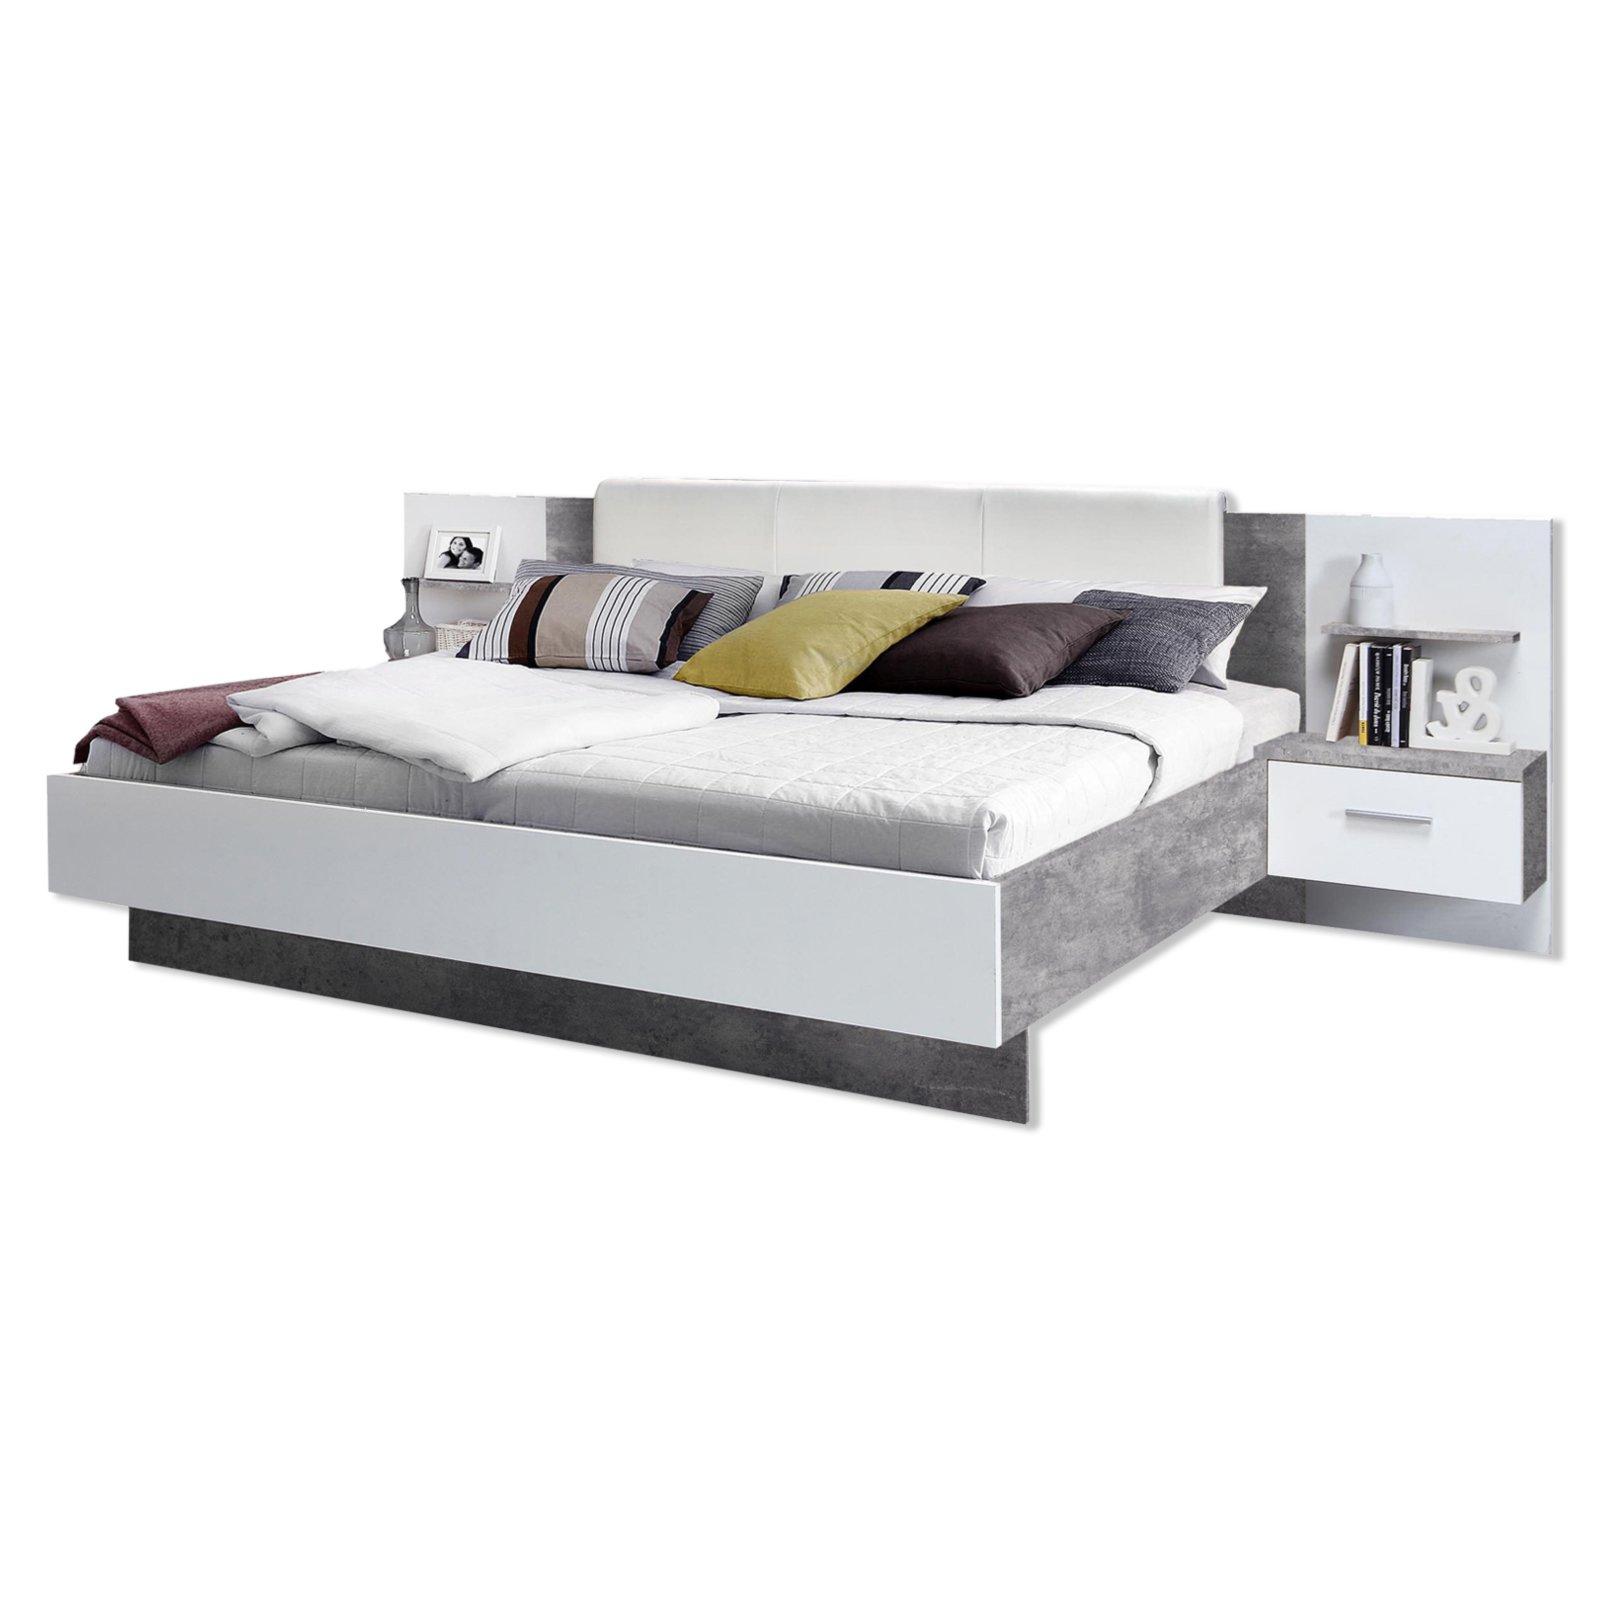 roller betten 90x200 eden puderrosa h x cm with roller betten 90x200 fabelhafte mbel roller. Black Bedroom Furniture Sets. Home Design Ideas